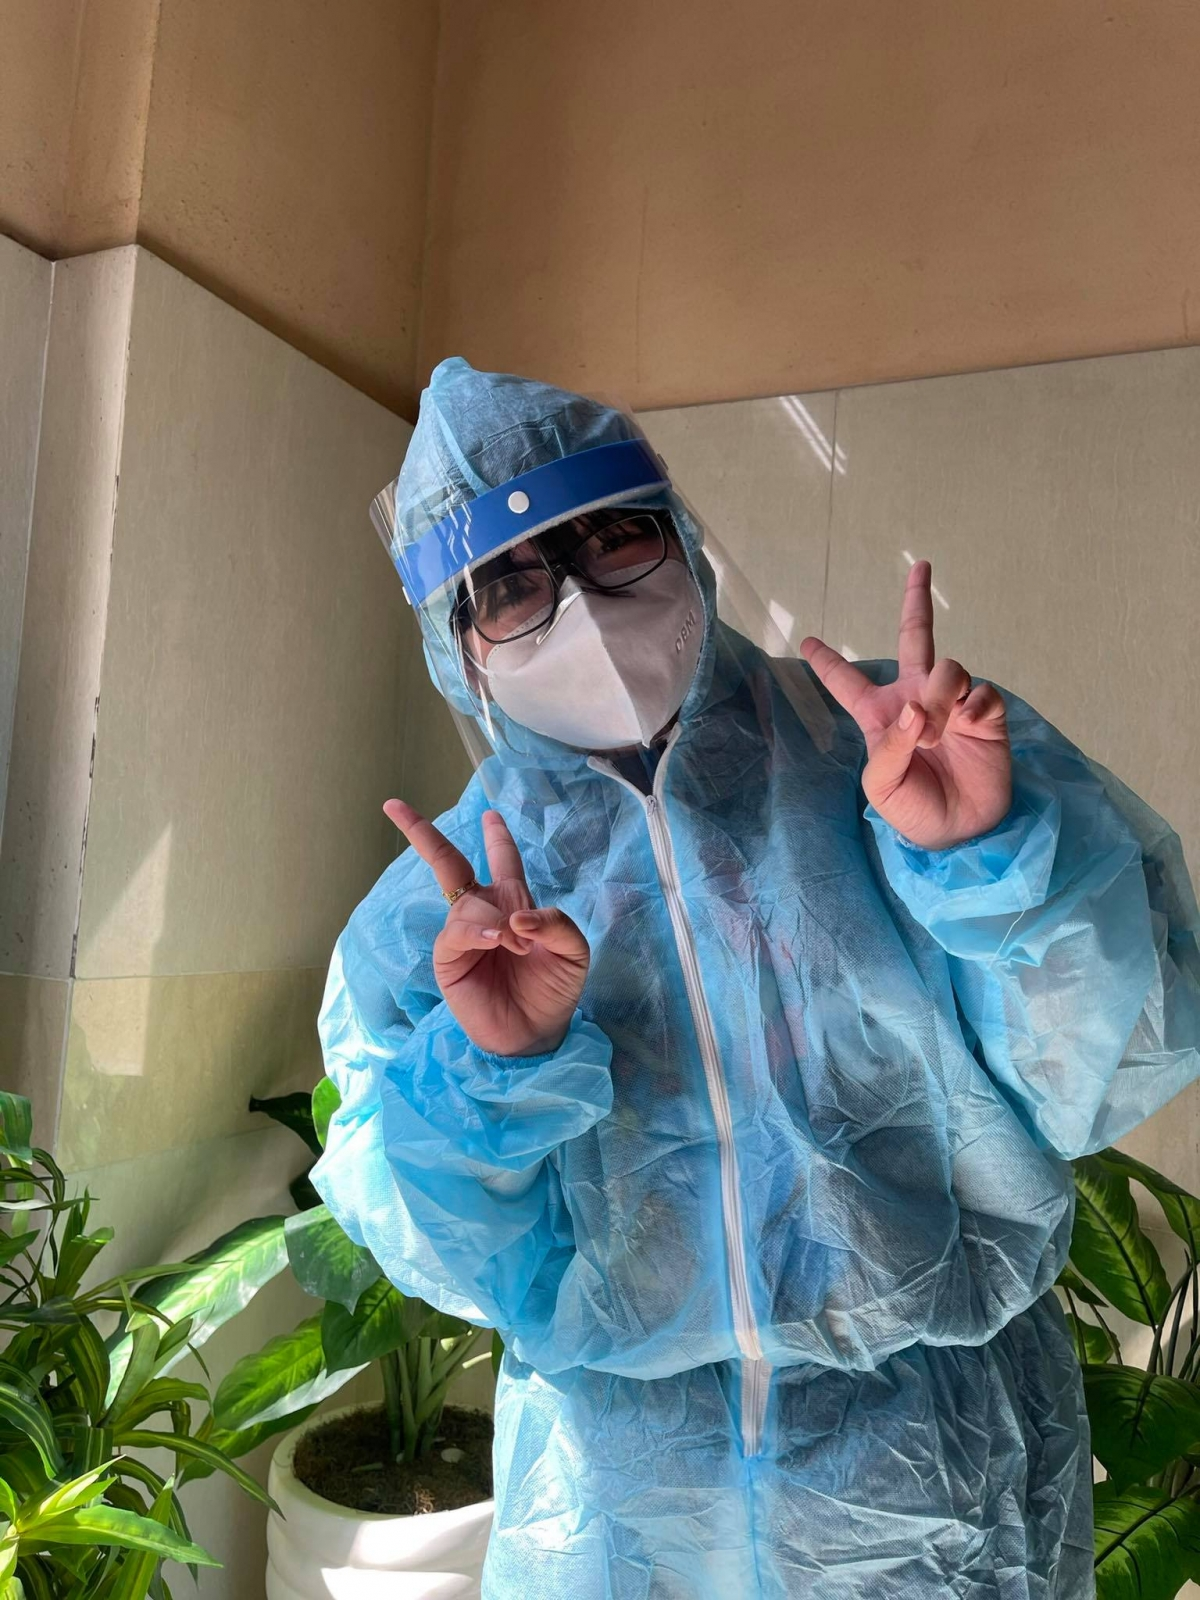 Nguyễn Lâm Tiểu Yến(18 tuổi) đã tham gia vào công tác lấy mẫu xét nghiệm tại nhiều địa điểm của thành phố. (Ảnh: NVCC)